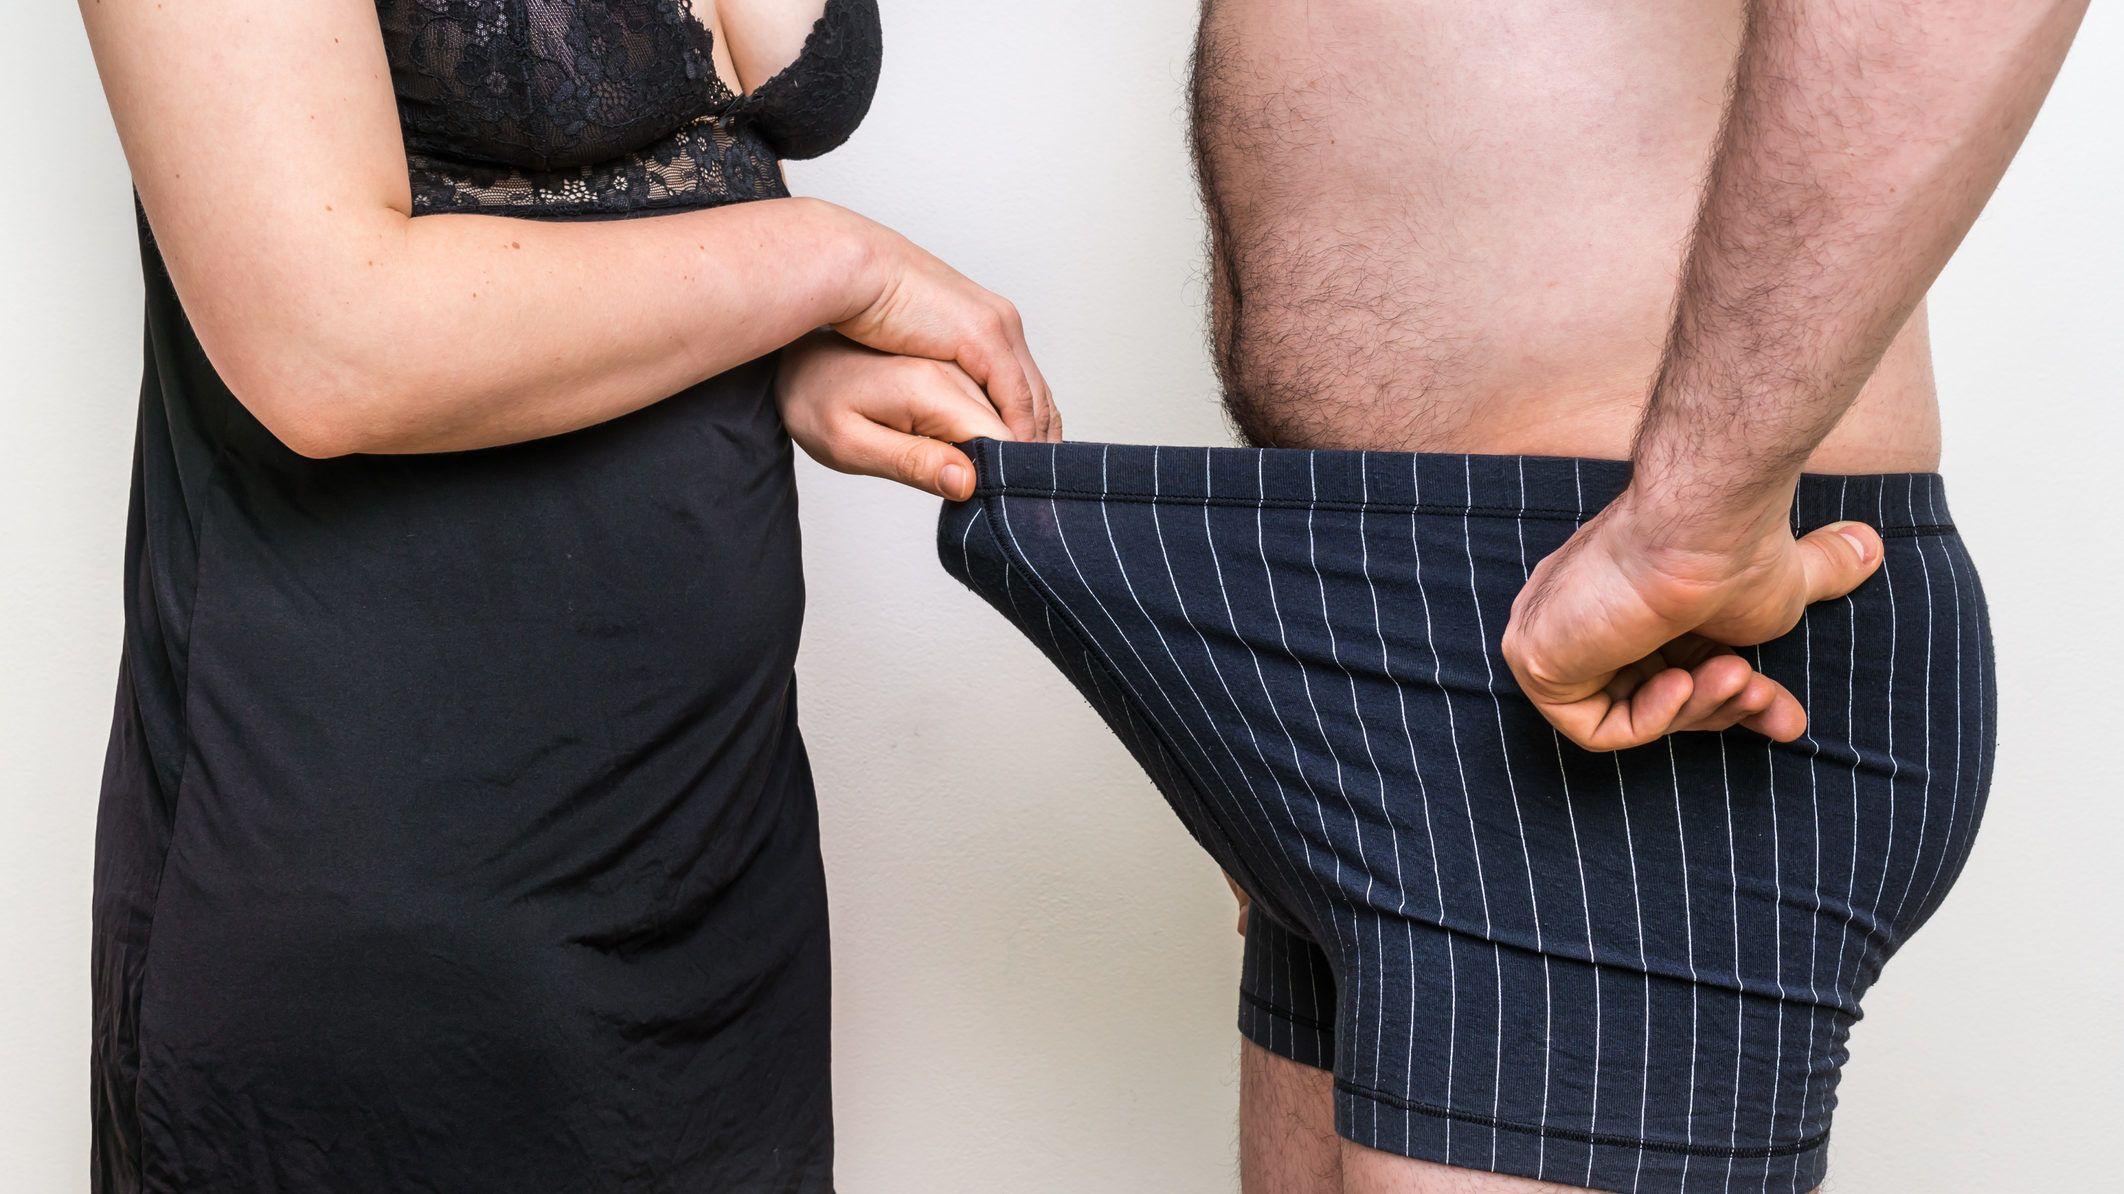 impotencia, mint az erekció helyreállítása a pénisz vastagságát növelő mellékletek